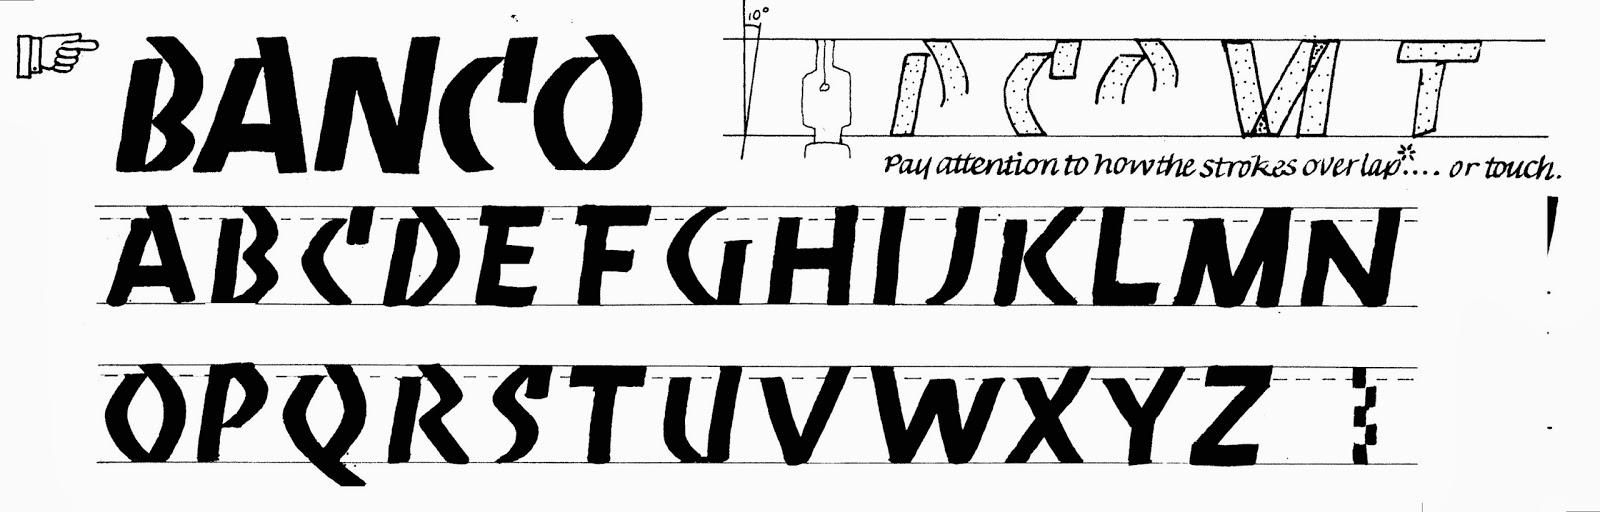 Margaret Shepherd: Calligraphy Blog: 226 Banco